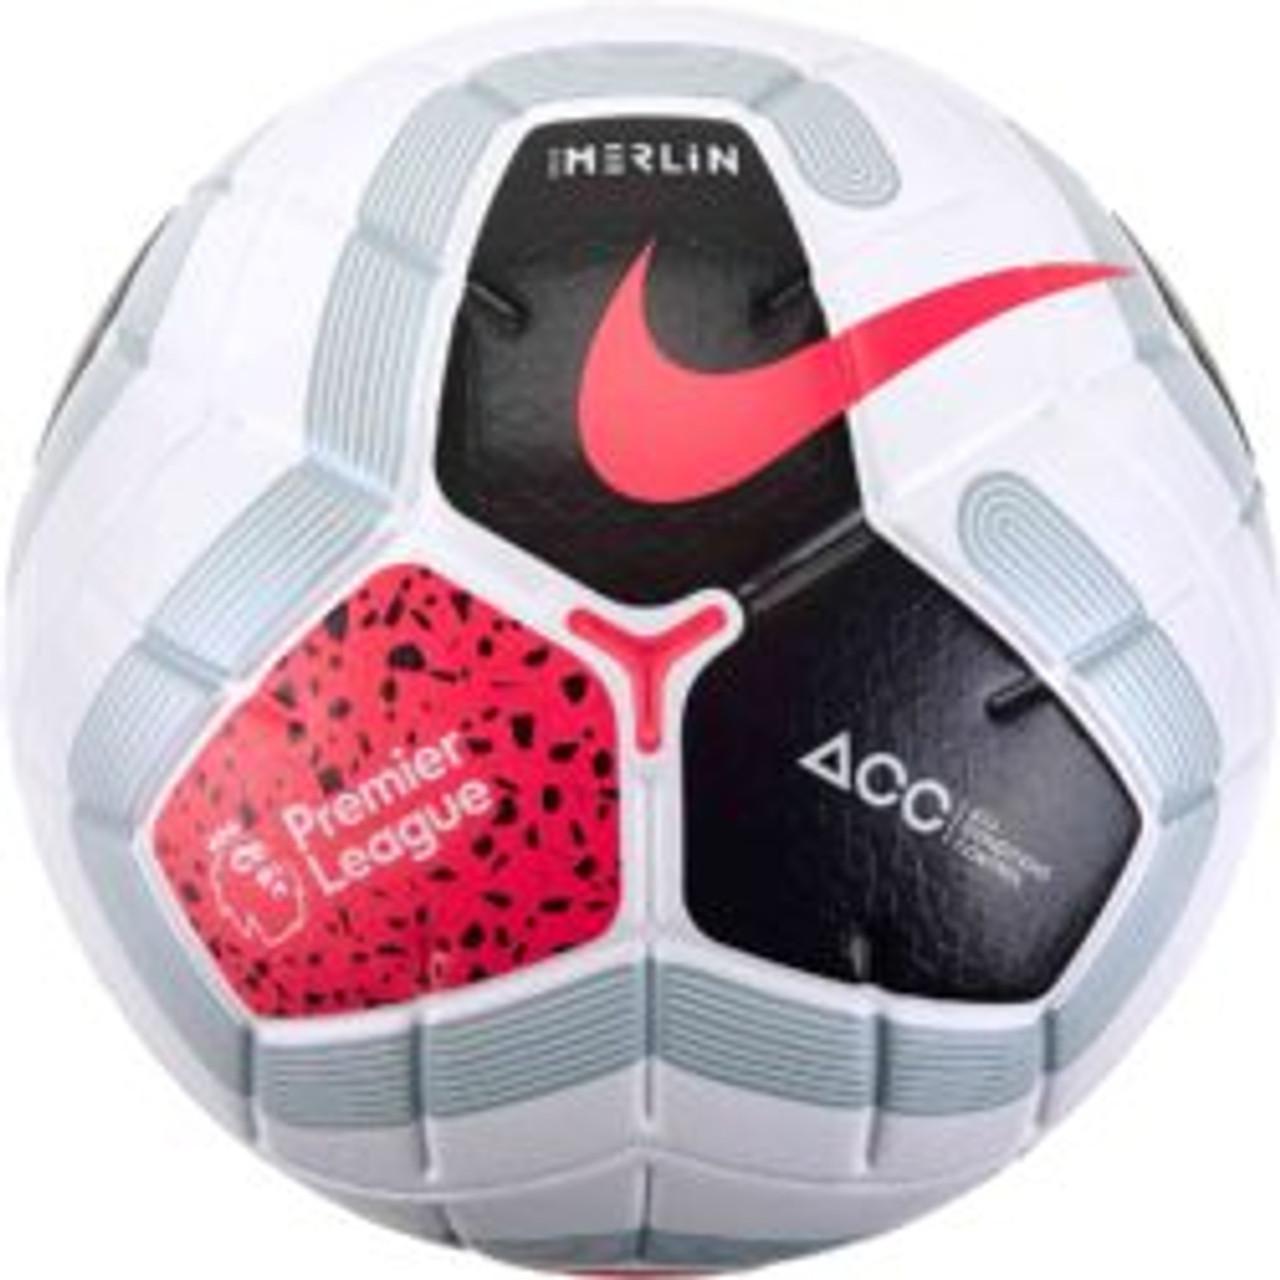 Nike Premier League Merlin Soccer Ball 19 20 Offical Match Ball Pink White Black 121519 Ohp Soccer